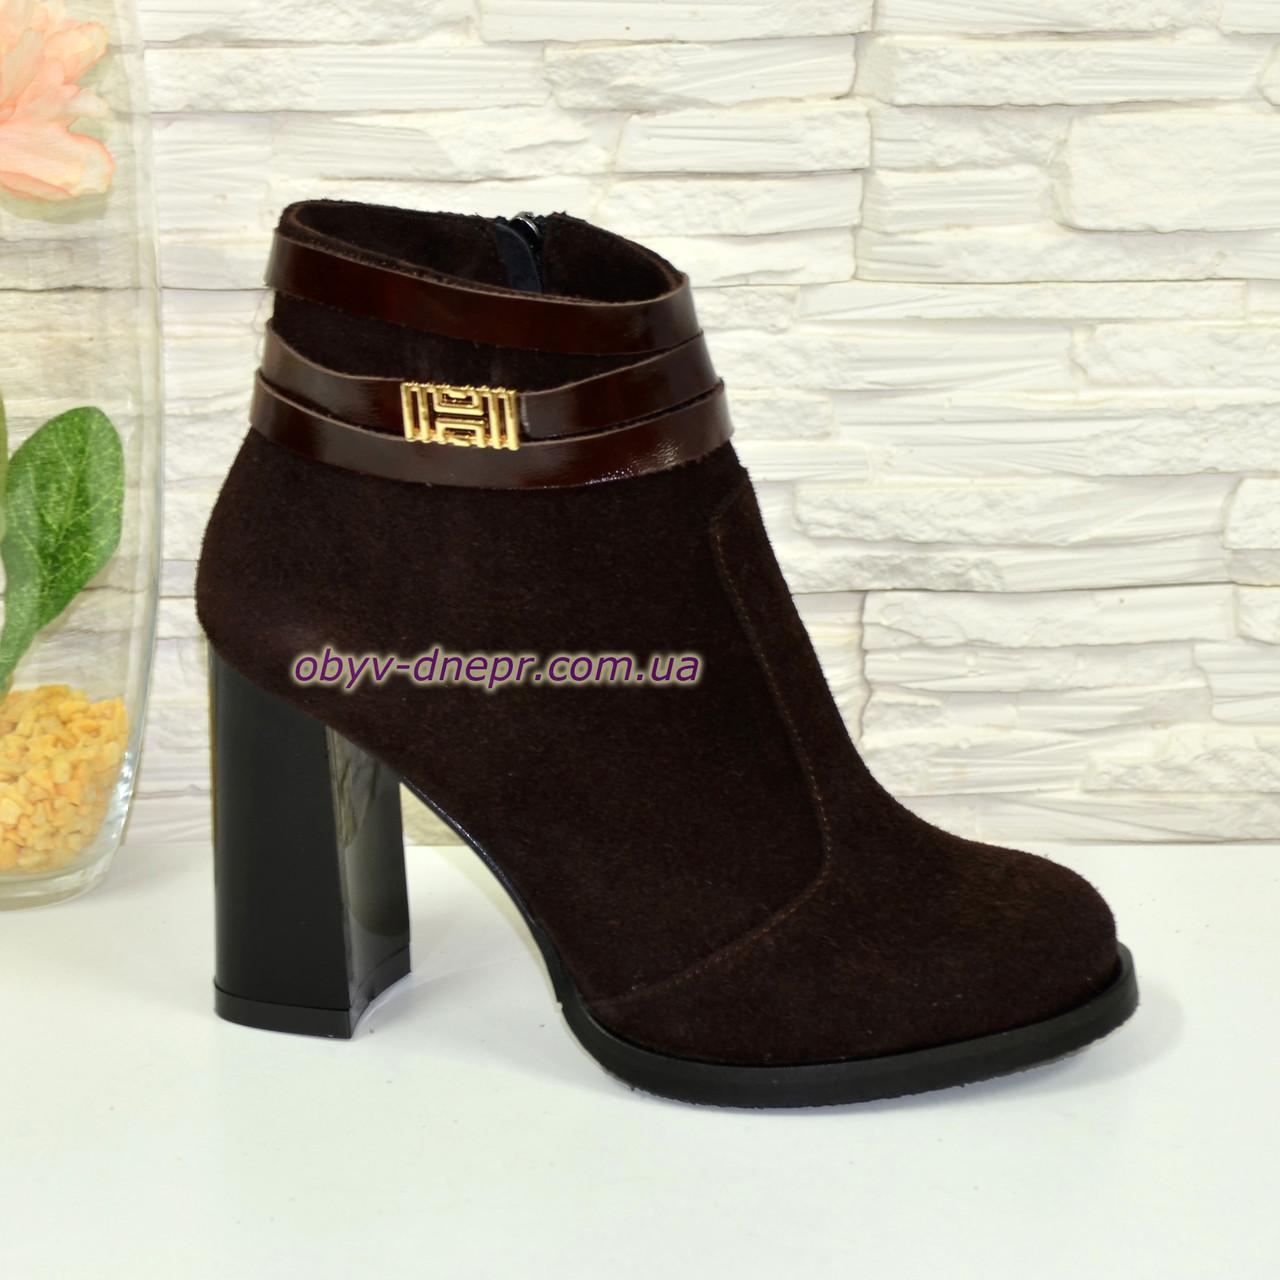 Ботинки демисезонные женские замшевые на устойчивом каблуке, цвет коричневый. 39 размер